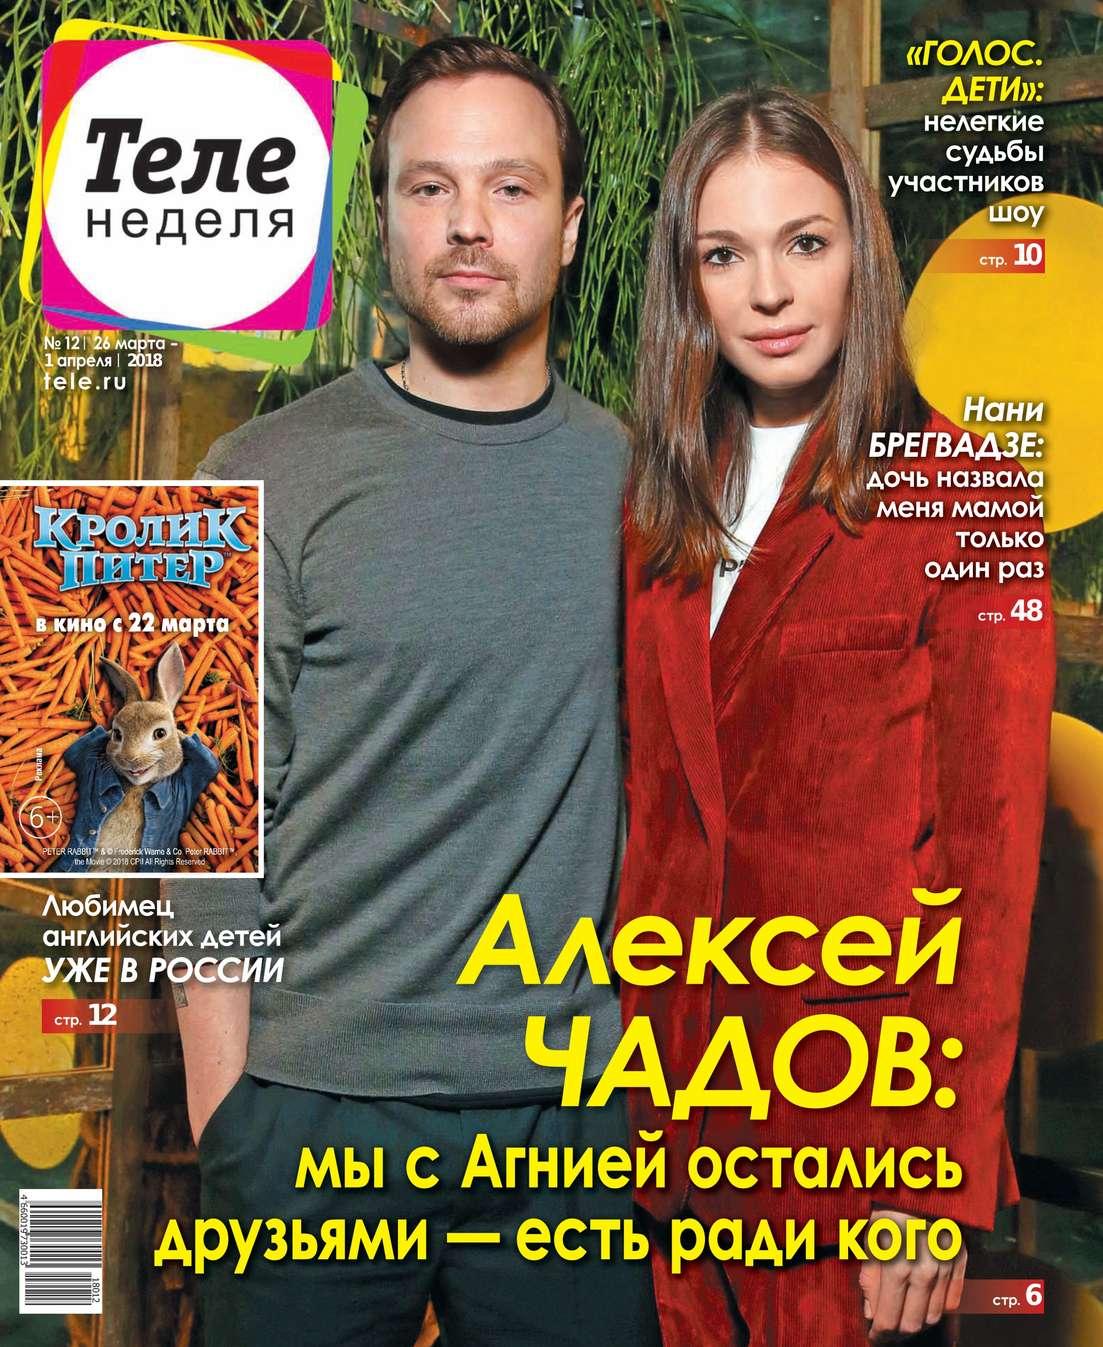 Теленеделя. Журнал о Знаменитостях с Телепрограммой 12-2018